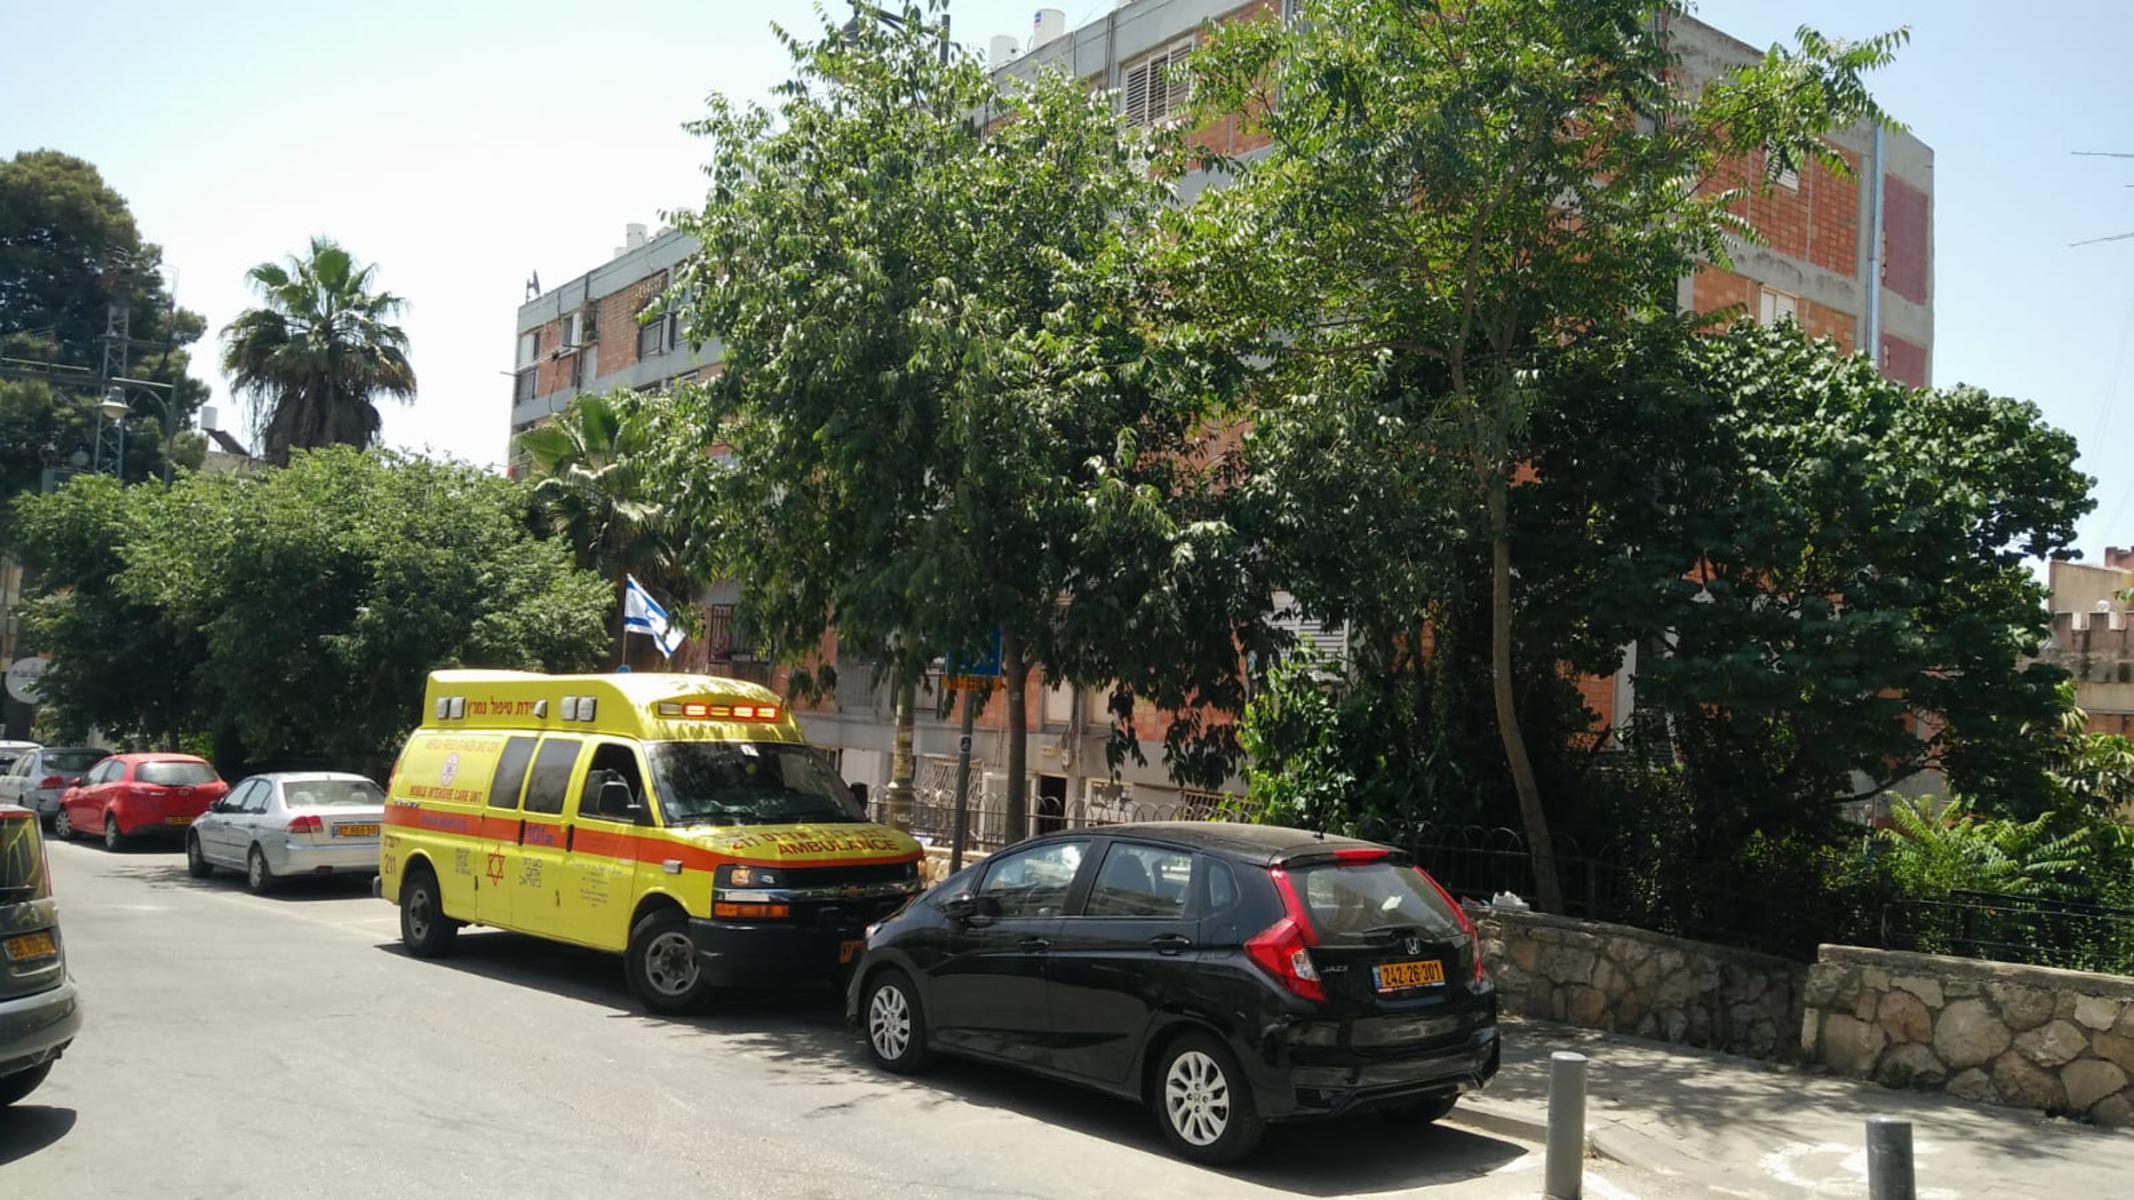 В Иерусалиме ножом зарезан 60-летний мужчина, подозреваемый задержан